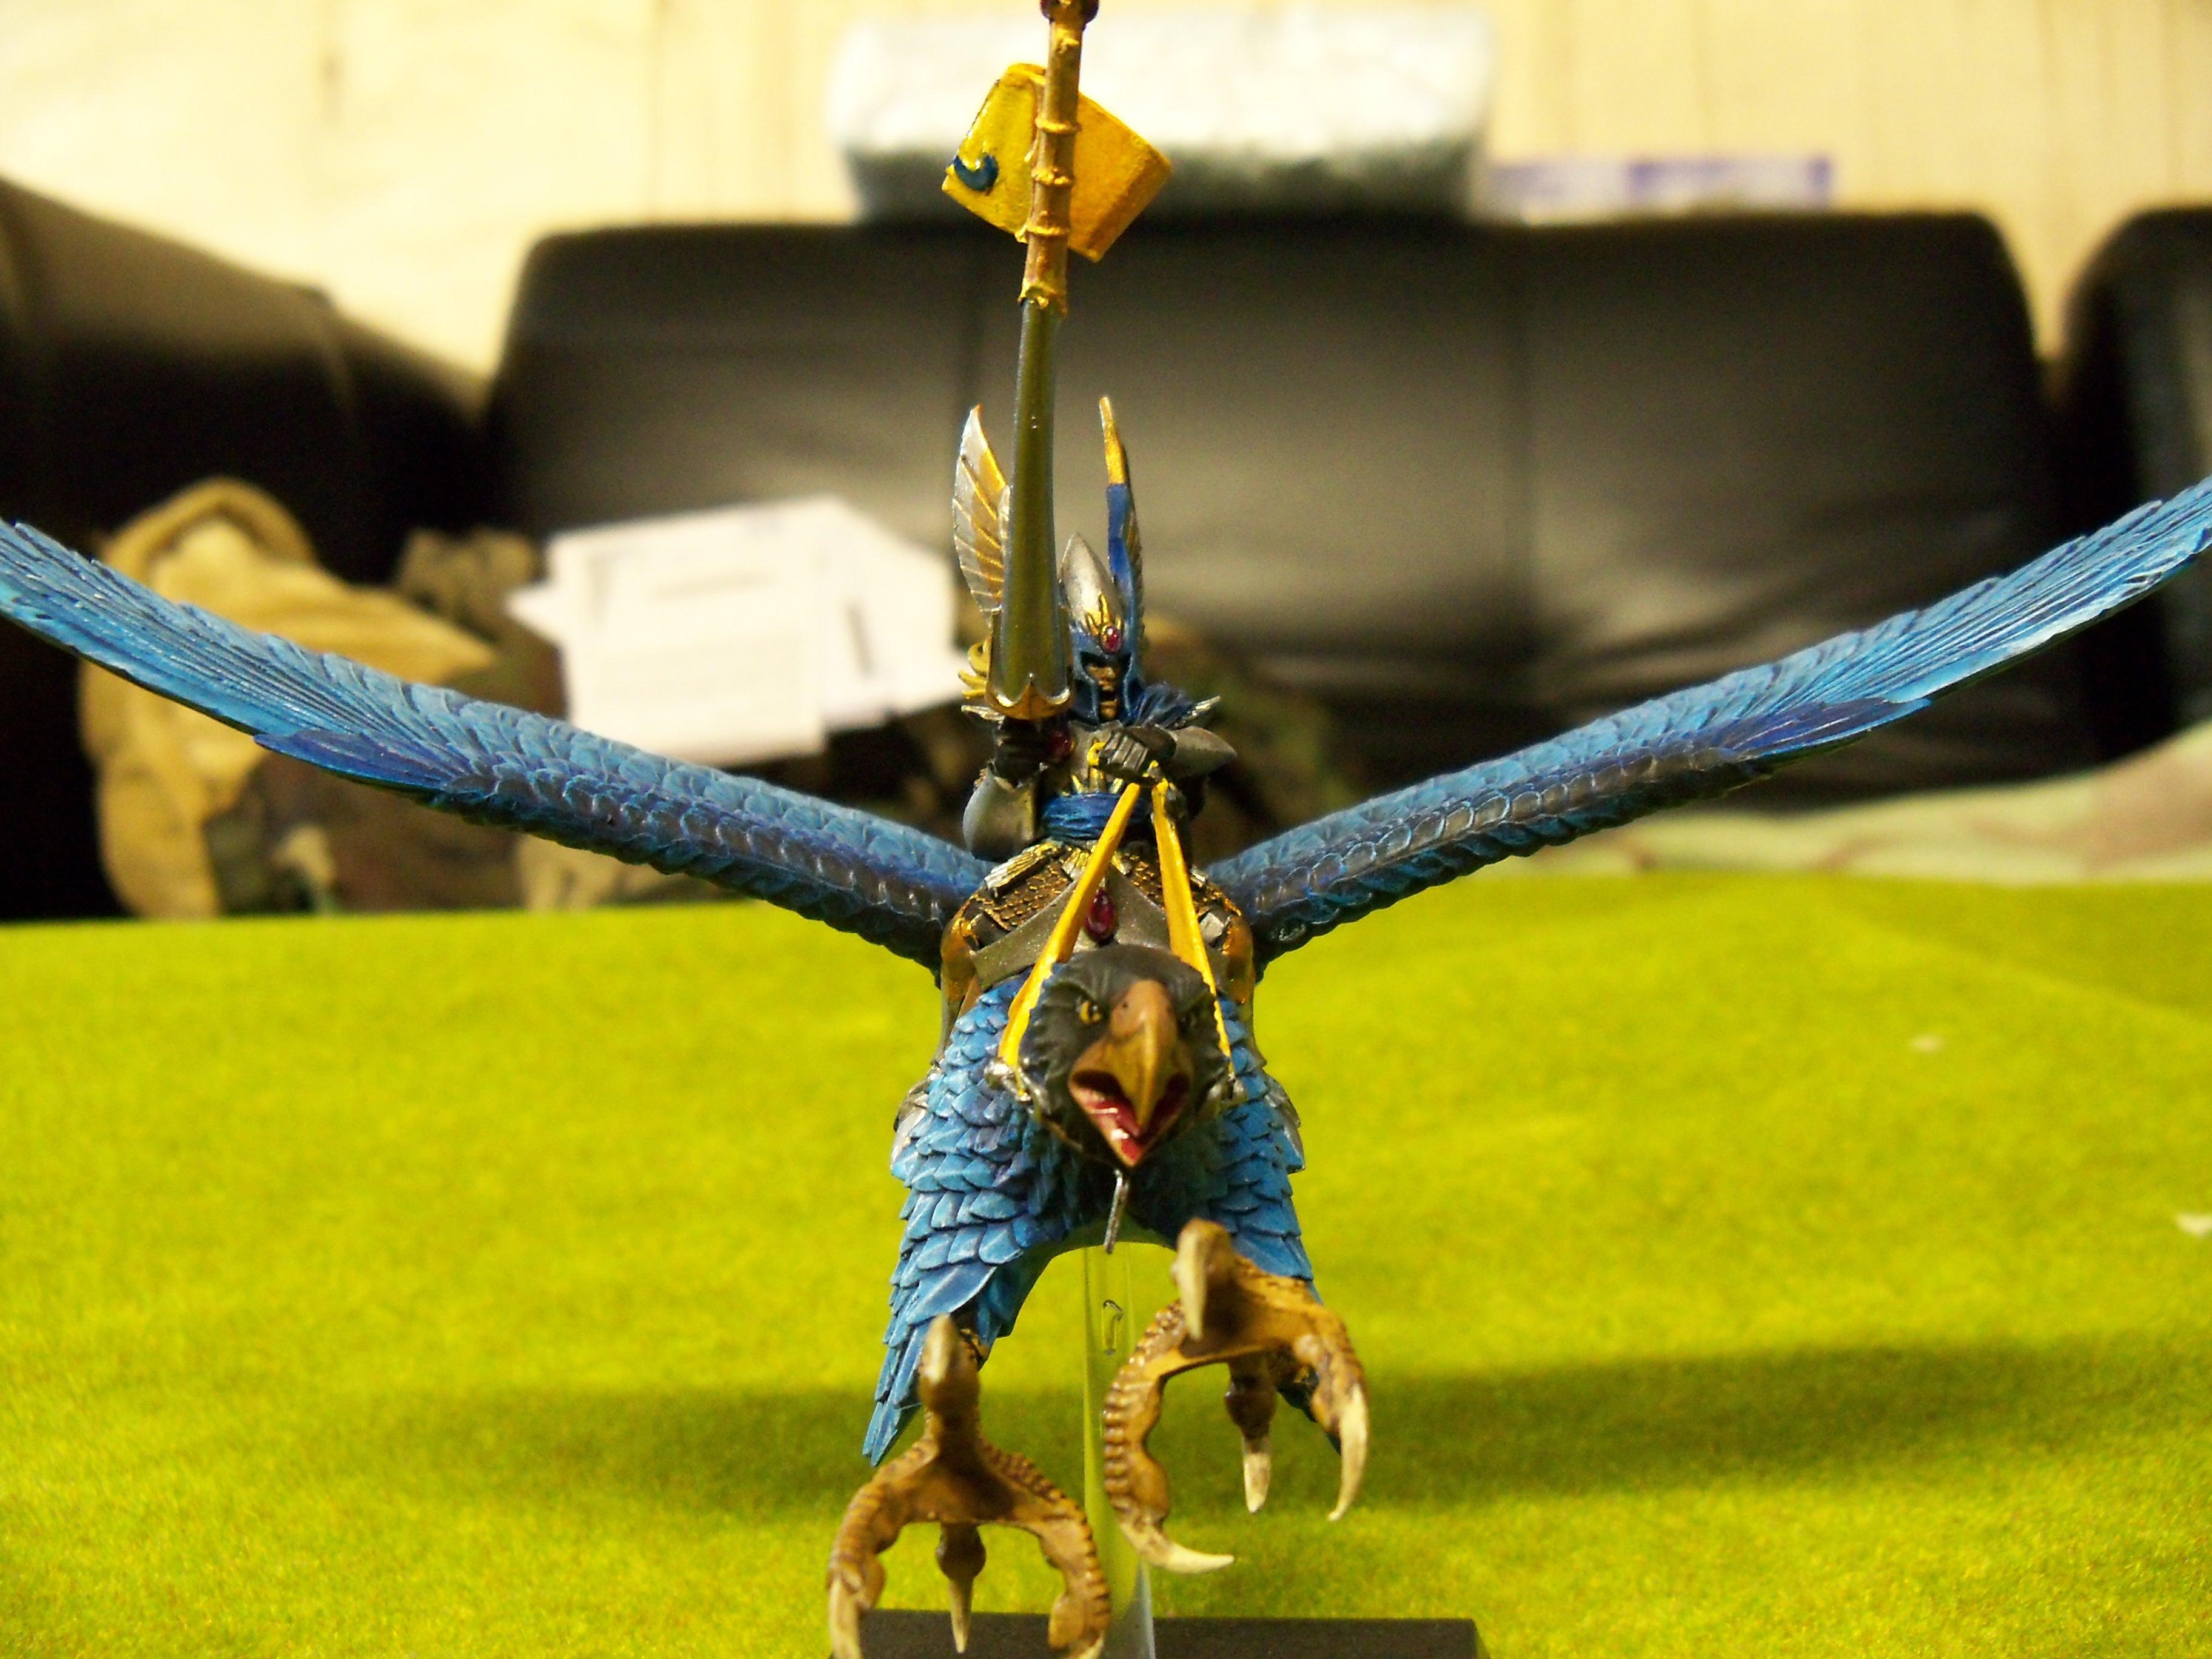 Griffin, High Elves, Warhammer Fantasy